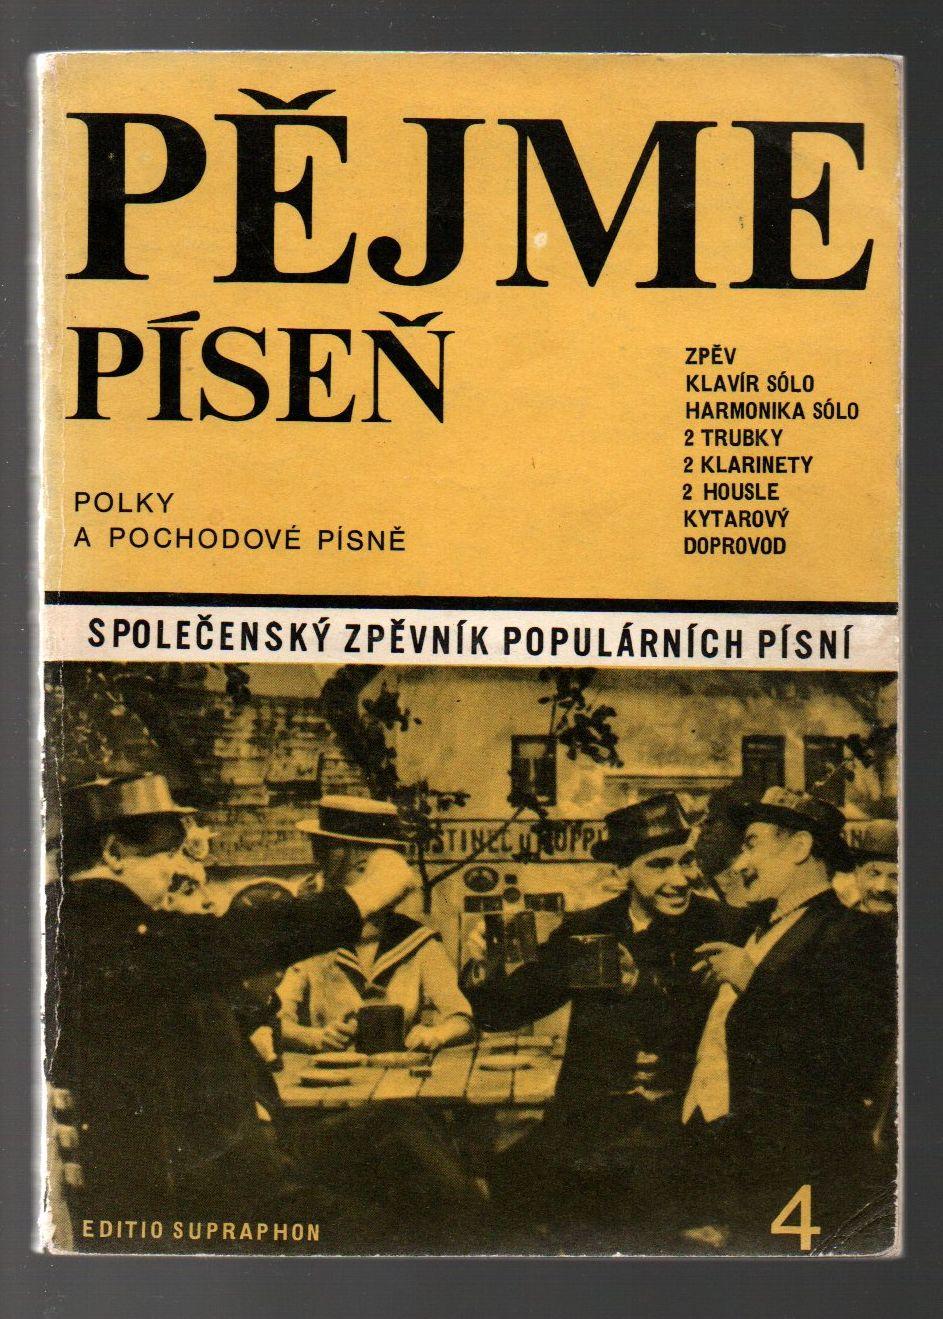 Pějme píseň - Polky a pochodové písně